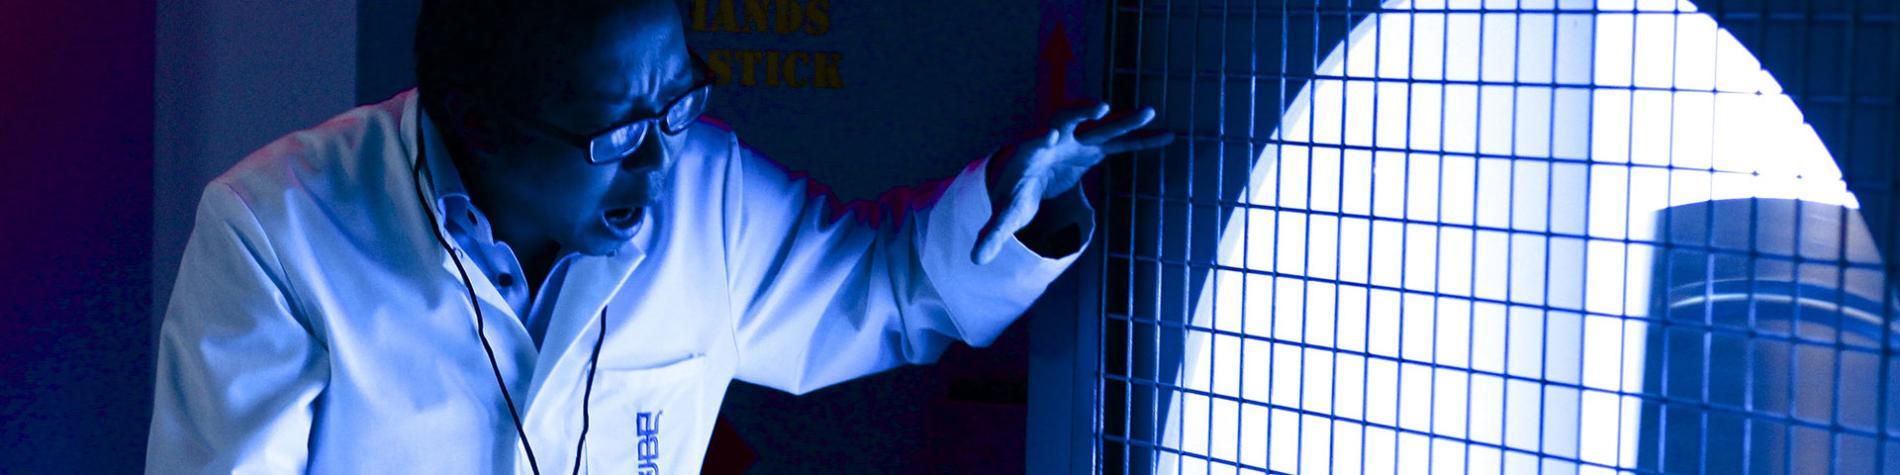 homme en blouse blanche dans un escape room en Wallonie